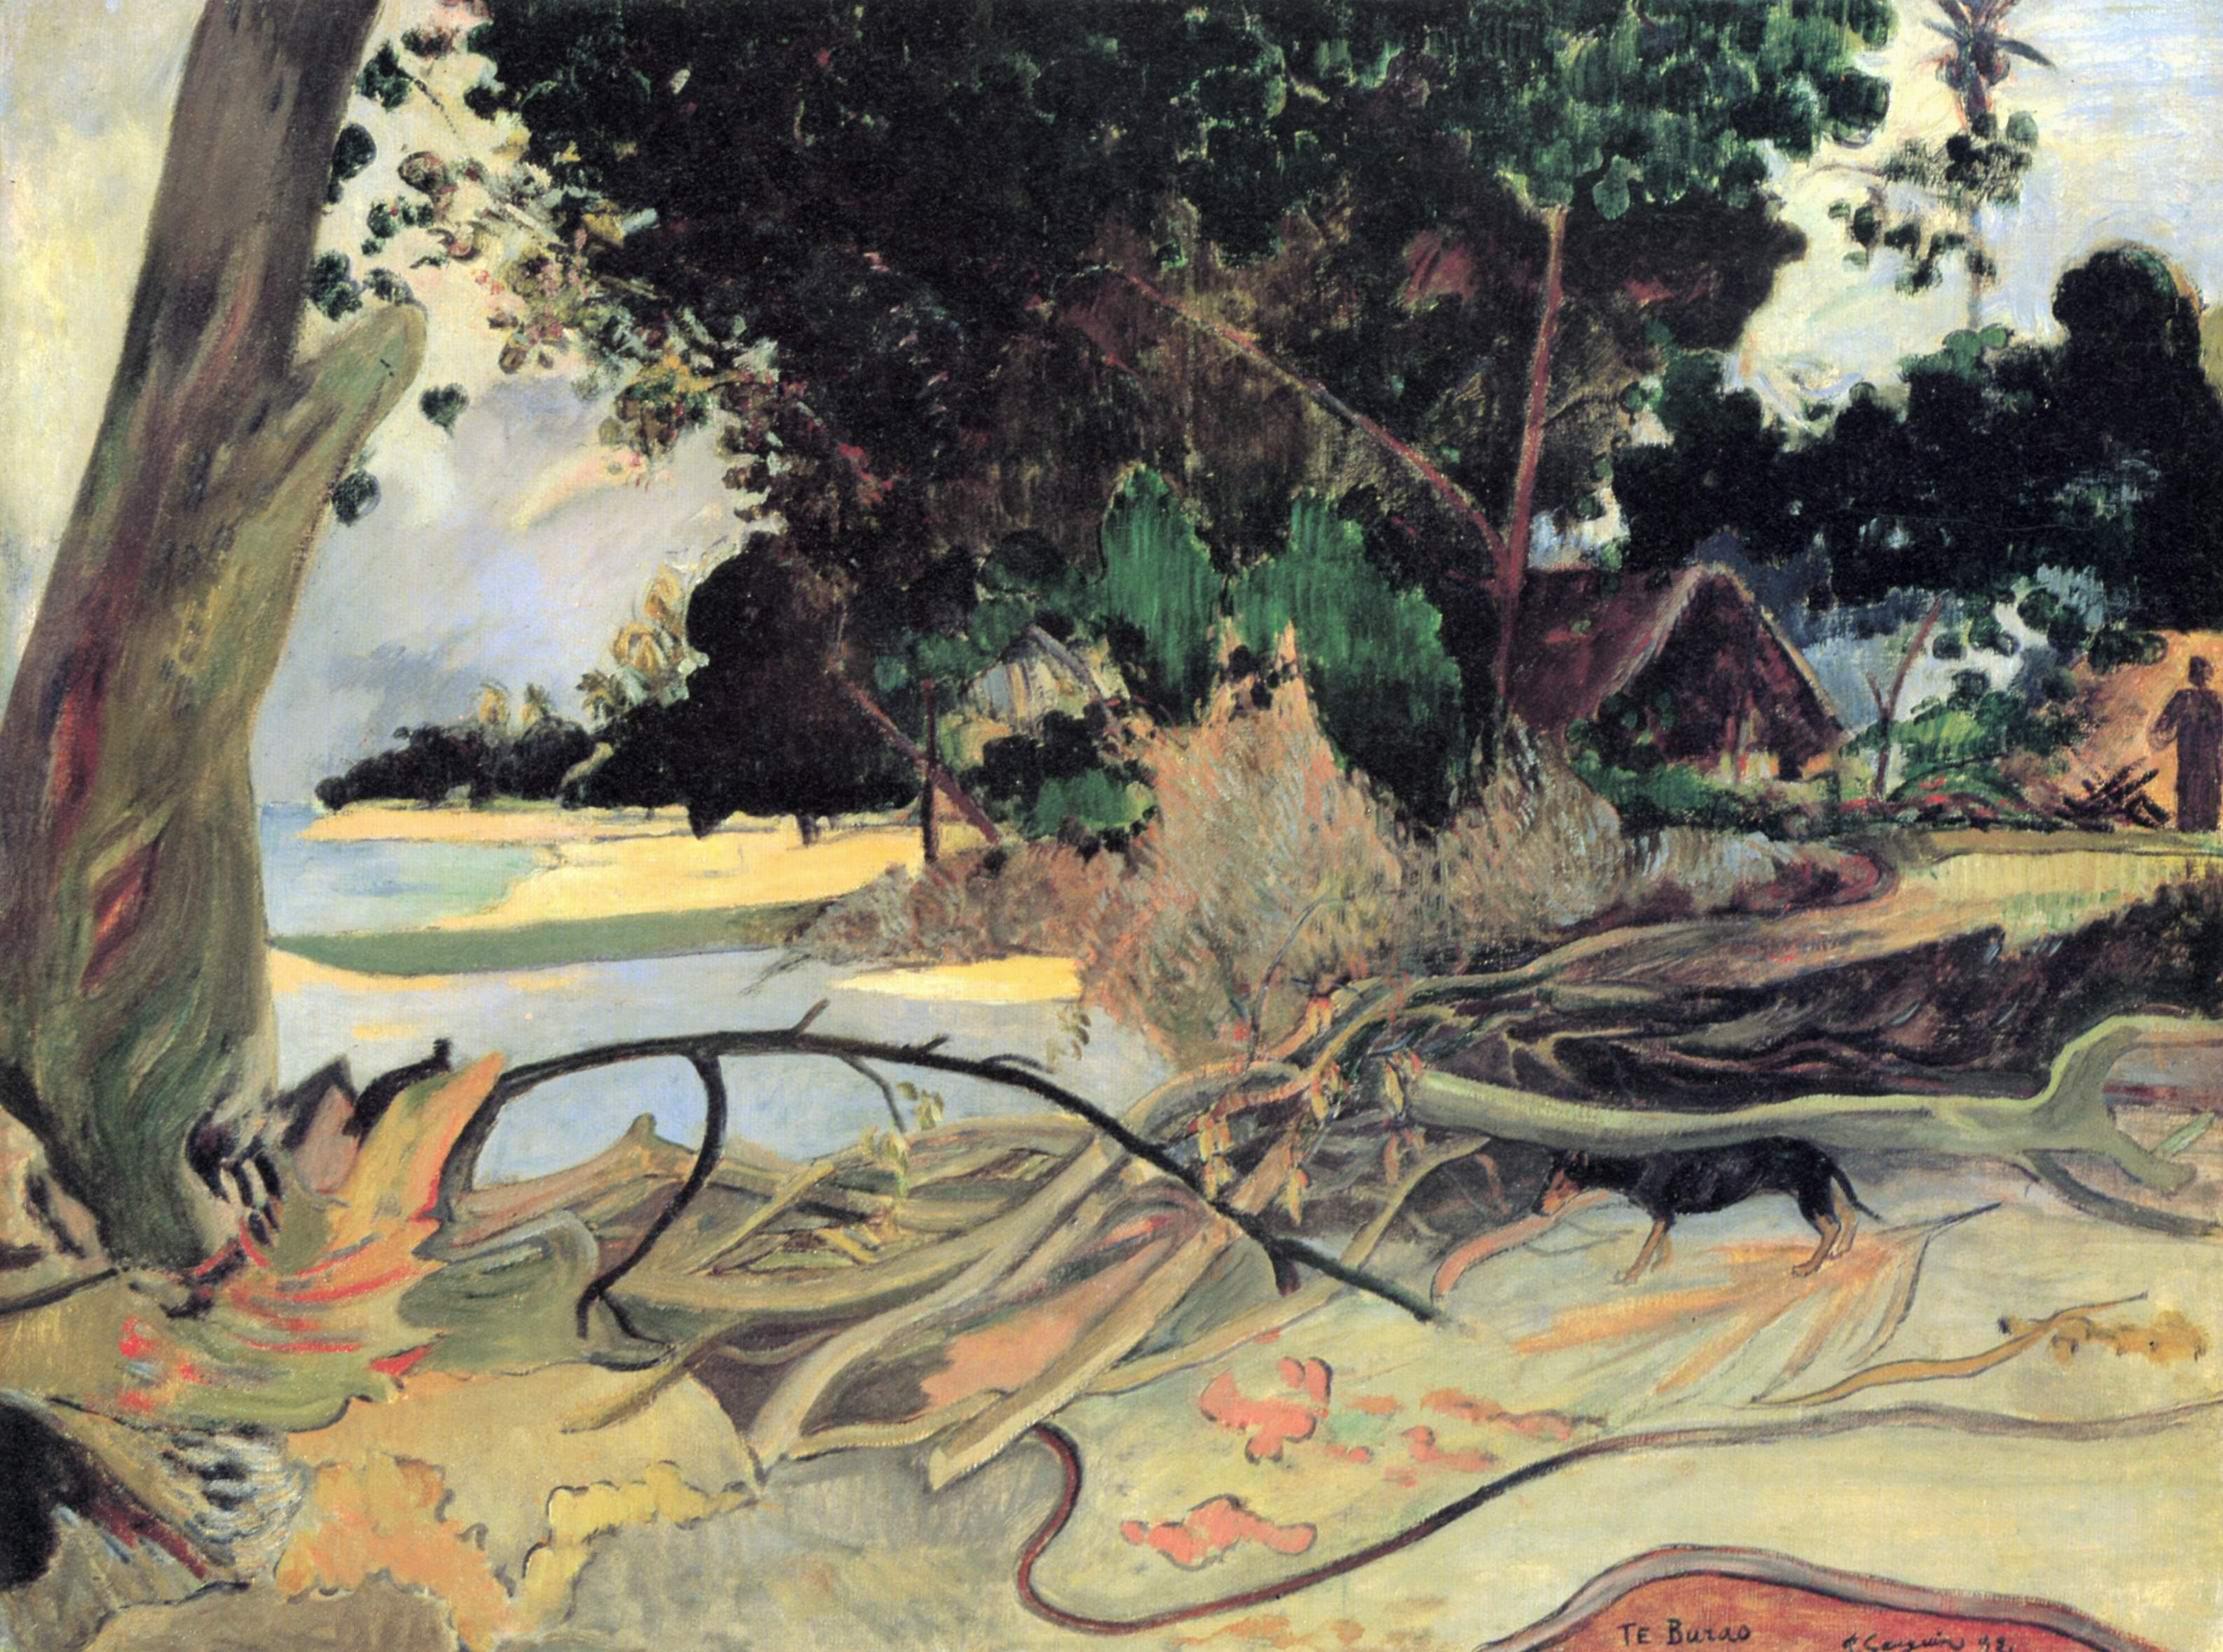 пейзаж < Толстое дерево (Te burao)  > :: Поль Гоген - Гоген Поль ( Paul Gauguin ) фото